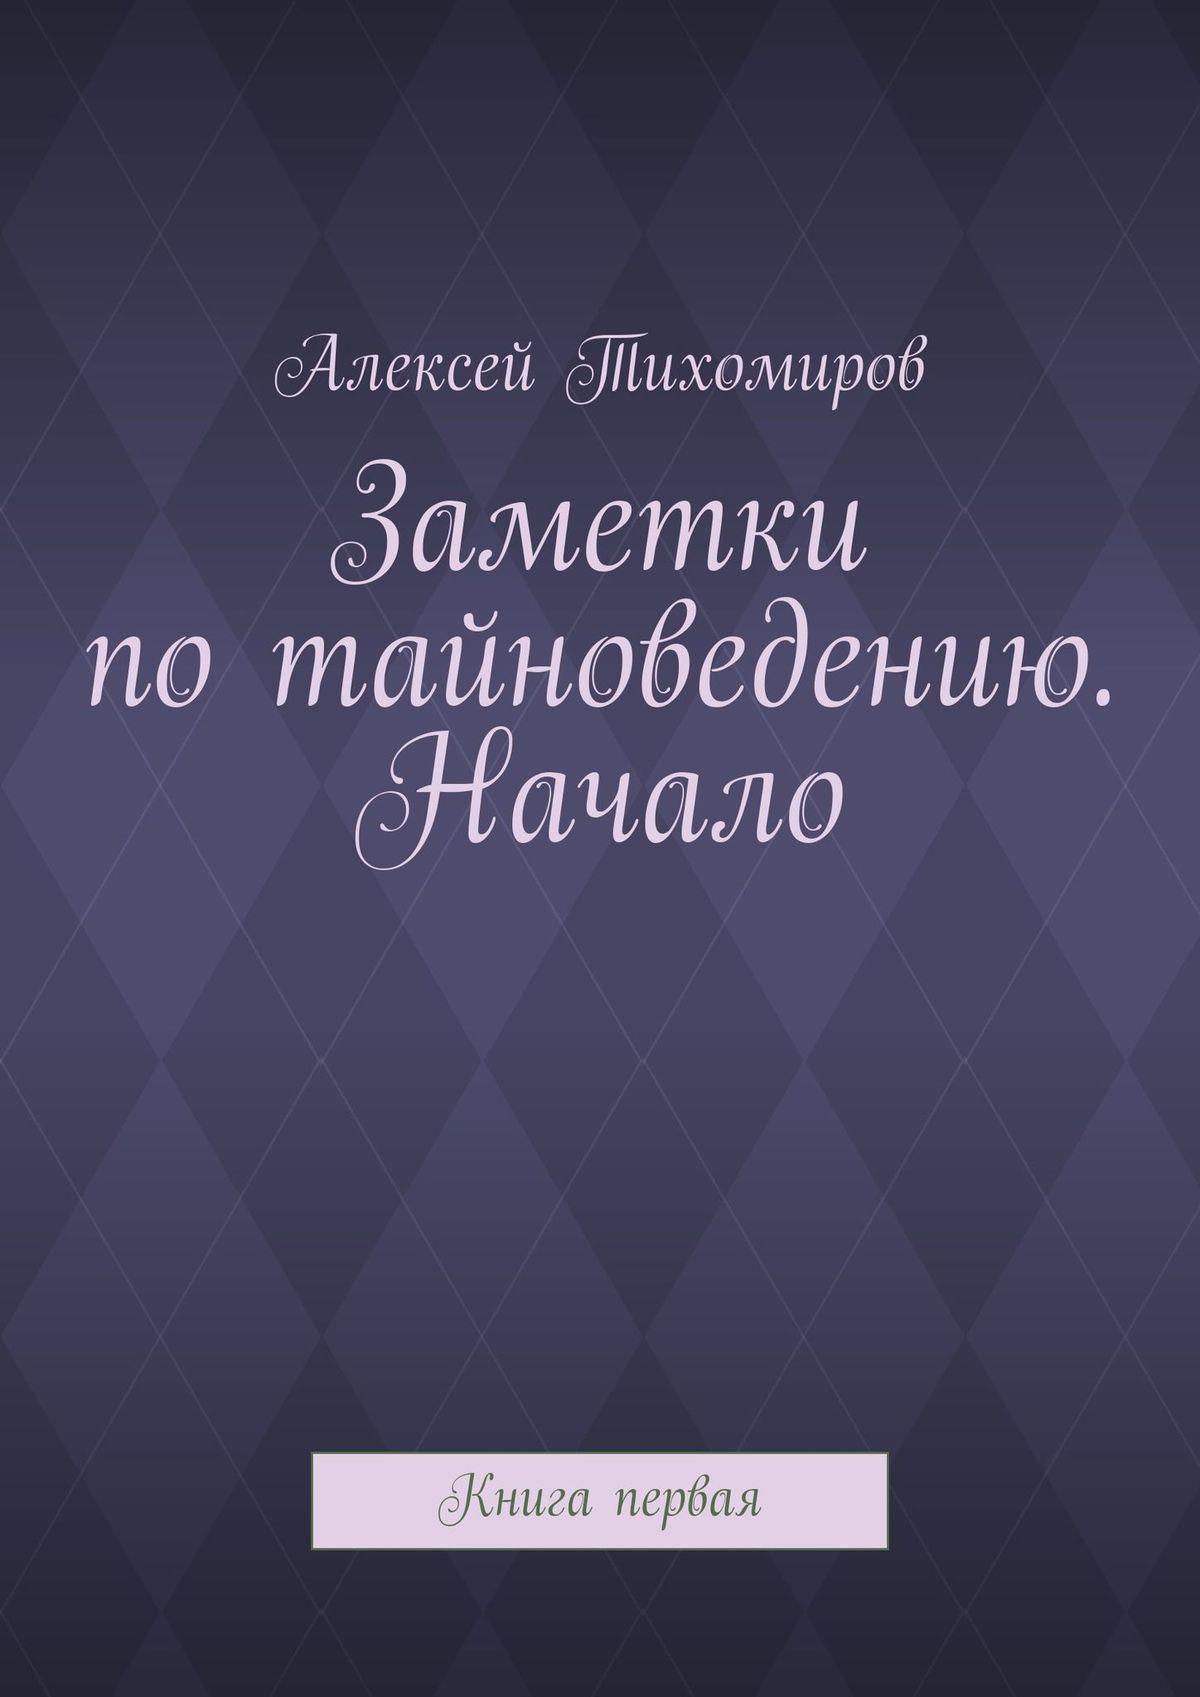 Алексей Тихомиров Заметки потайноведению. Начало. Книга первая стоимость